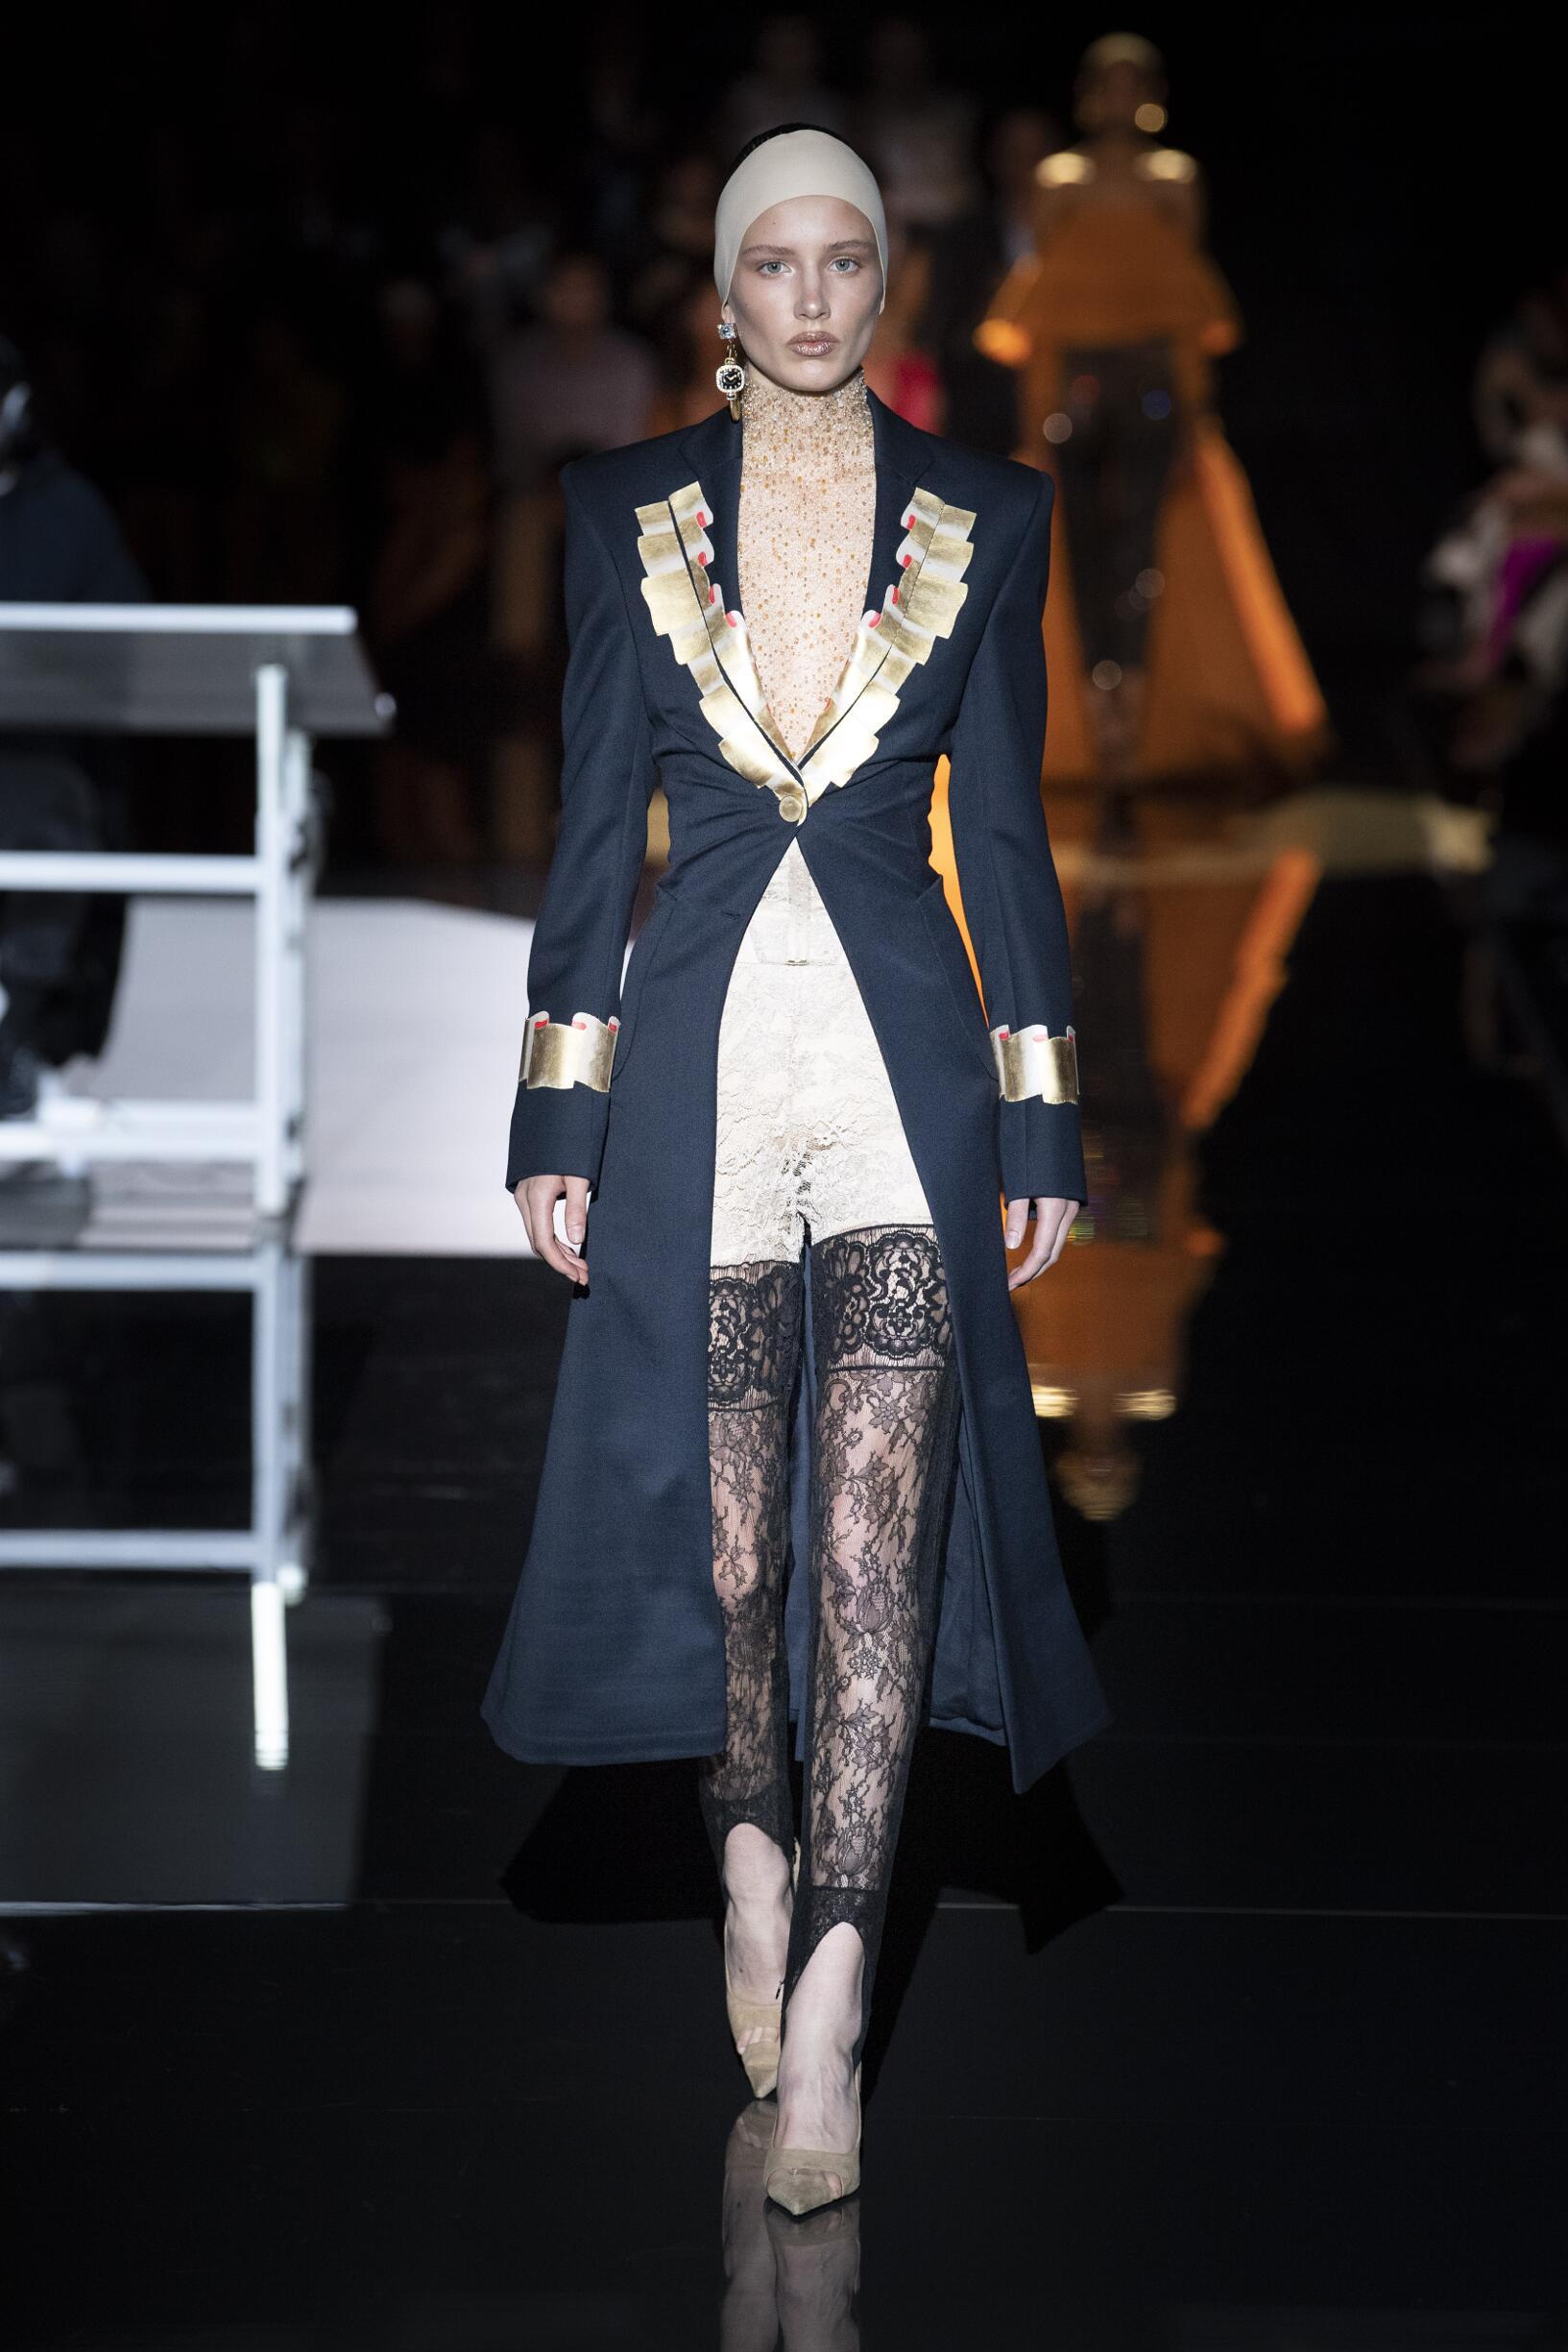 Model Fashion Show Schiaparelli Haute Couture